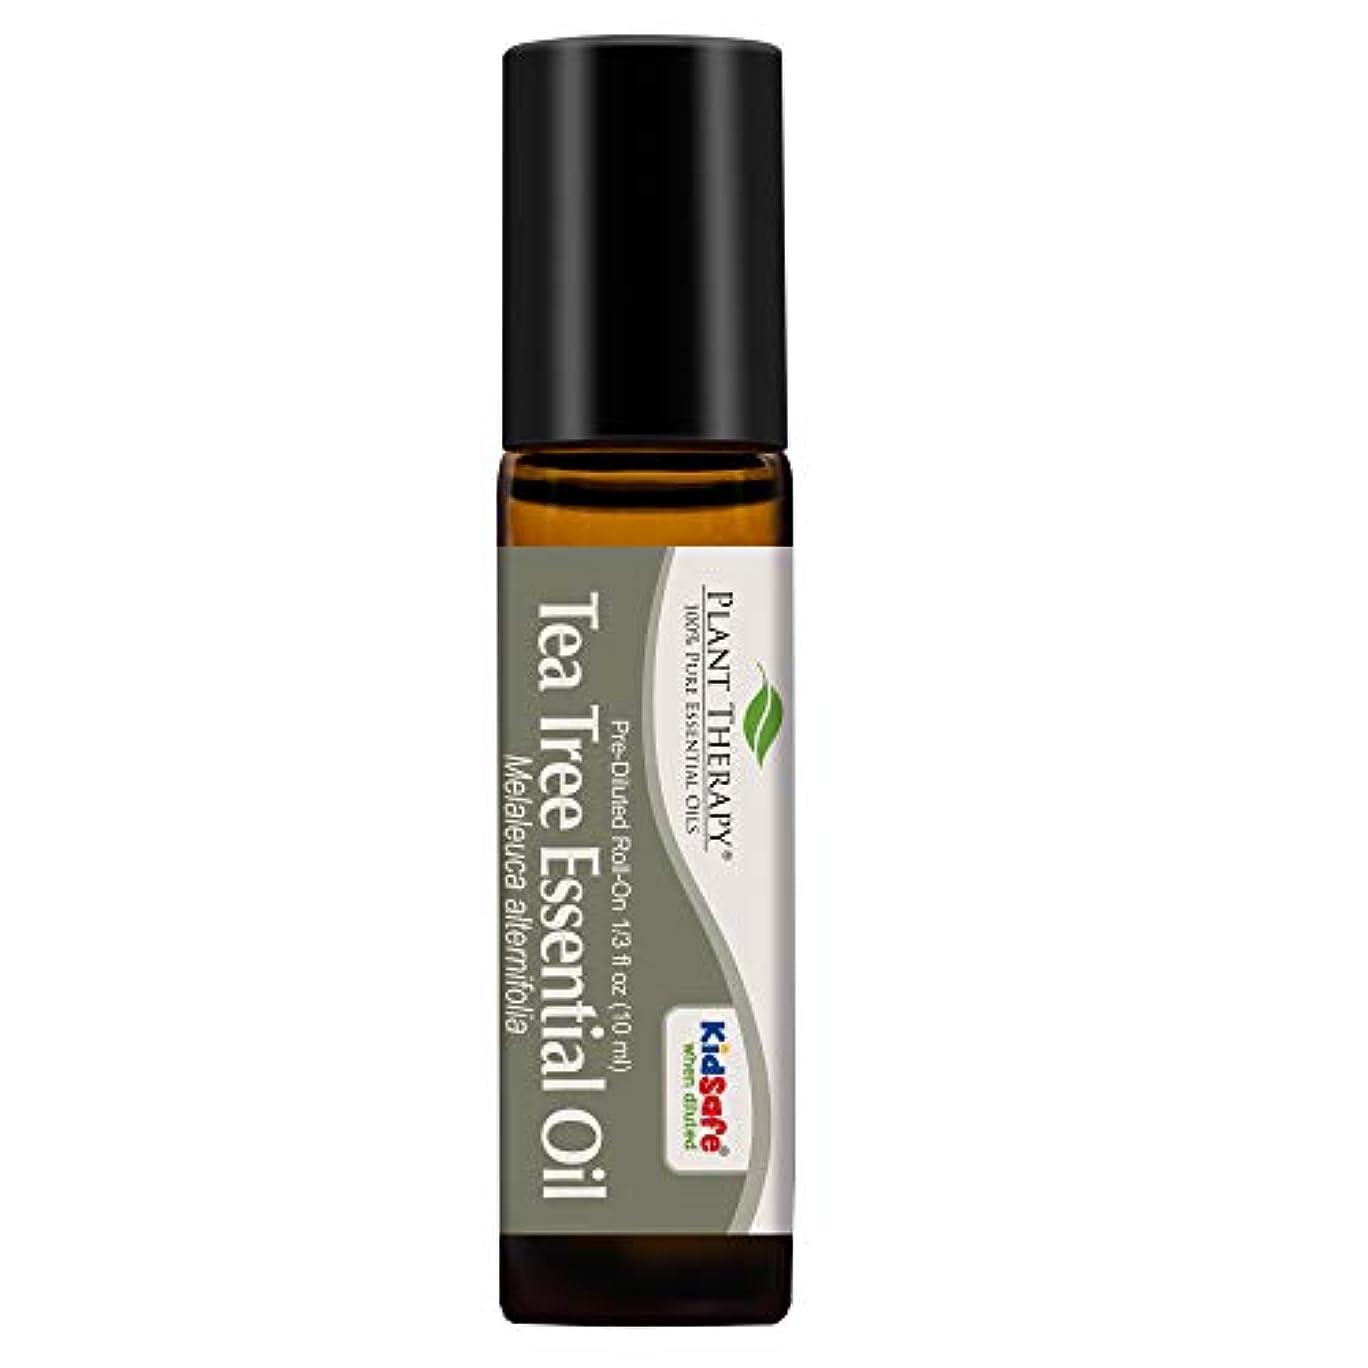 統合野心種類Plant Therapy Tea Tree Pre-Diluted Roll-On 10 ml (1/3 fl oz) 100% Pure, Therapeutic Grade